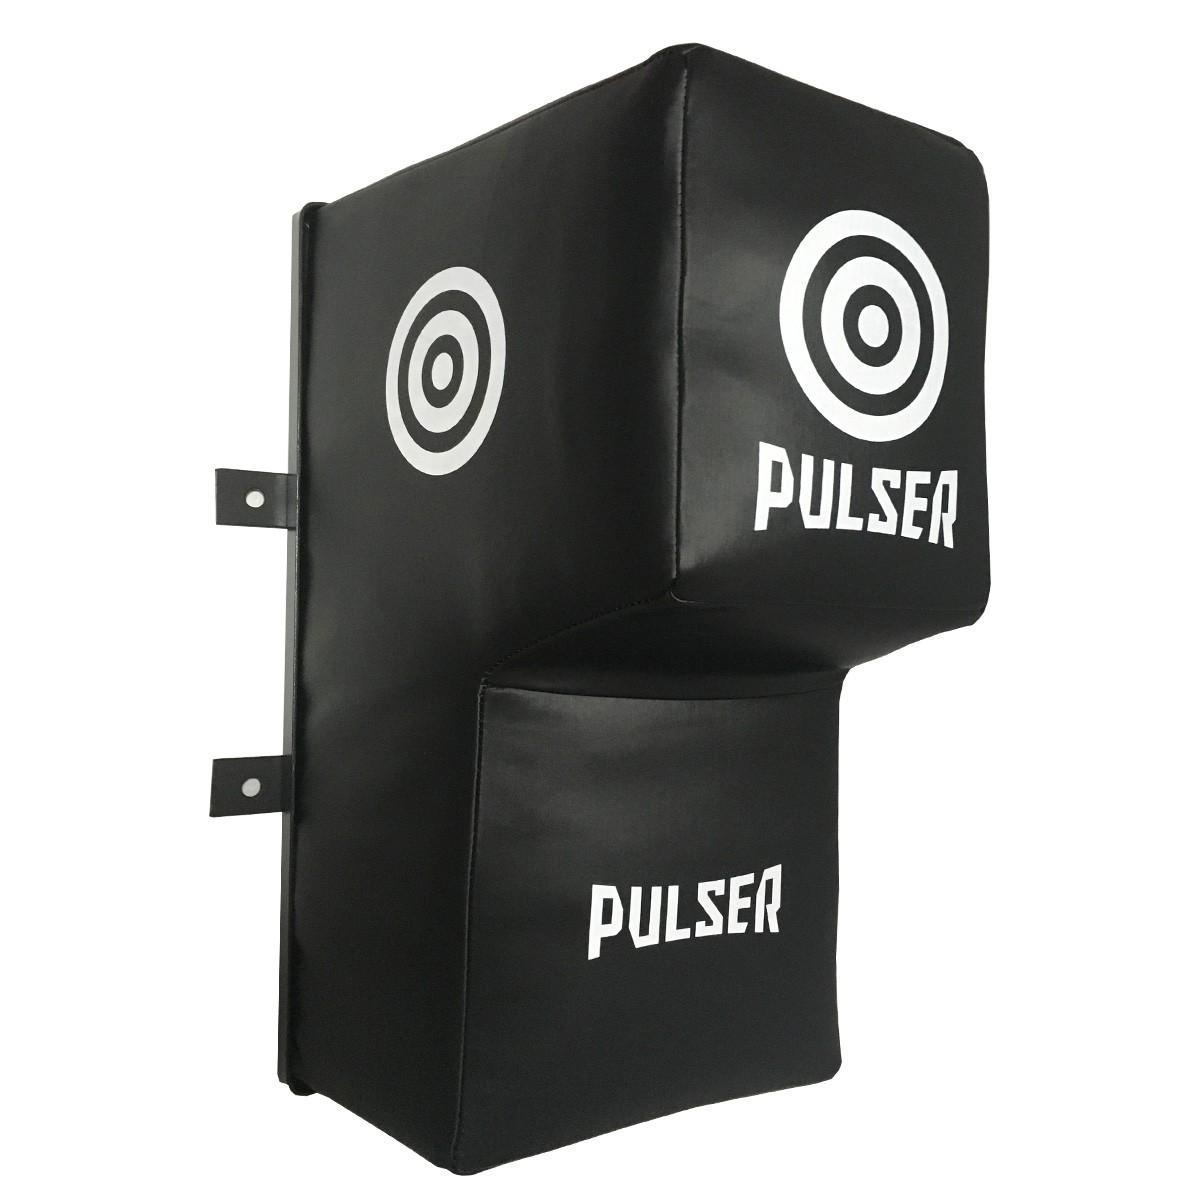 Saco Pancada Parede Muay Thai Boxe - Pulser  - PRALUTA SHOP